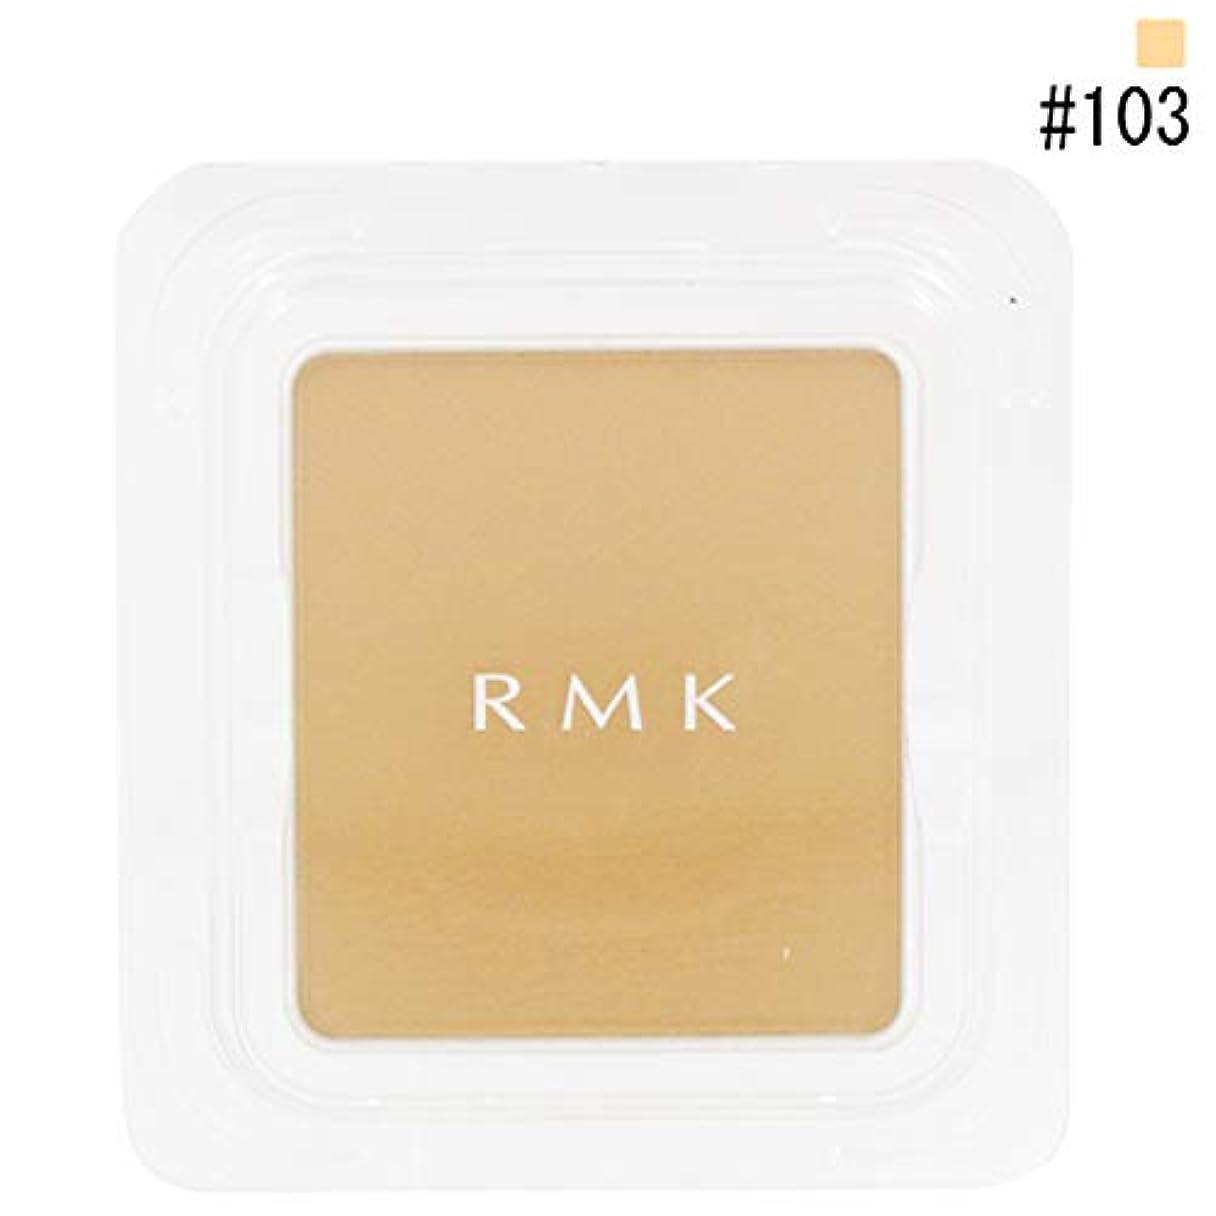 マーティフィールディングファイター高めるRMK アールエムケー エアリーパウダー ファンデーション (レフィル) #103 10.5g [並行輸入品]